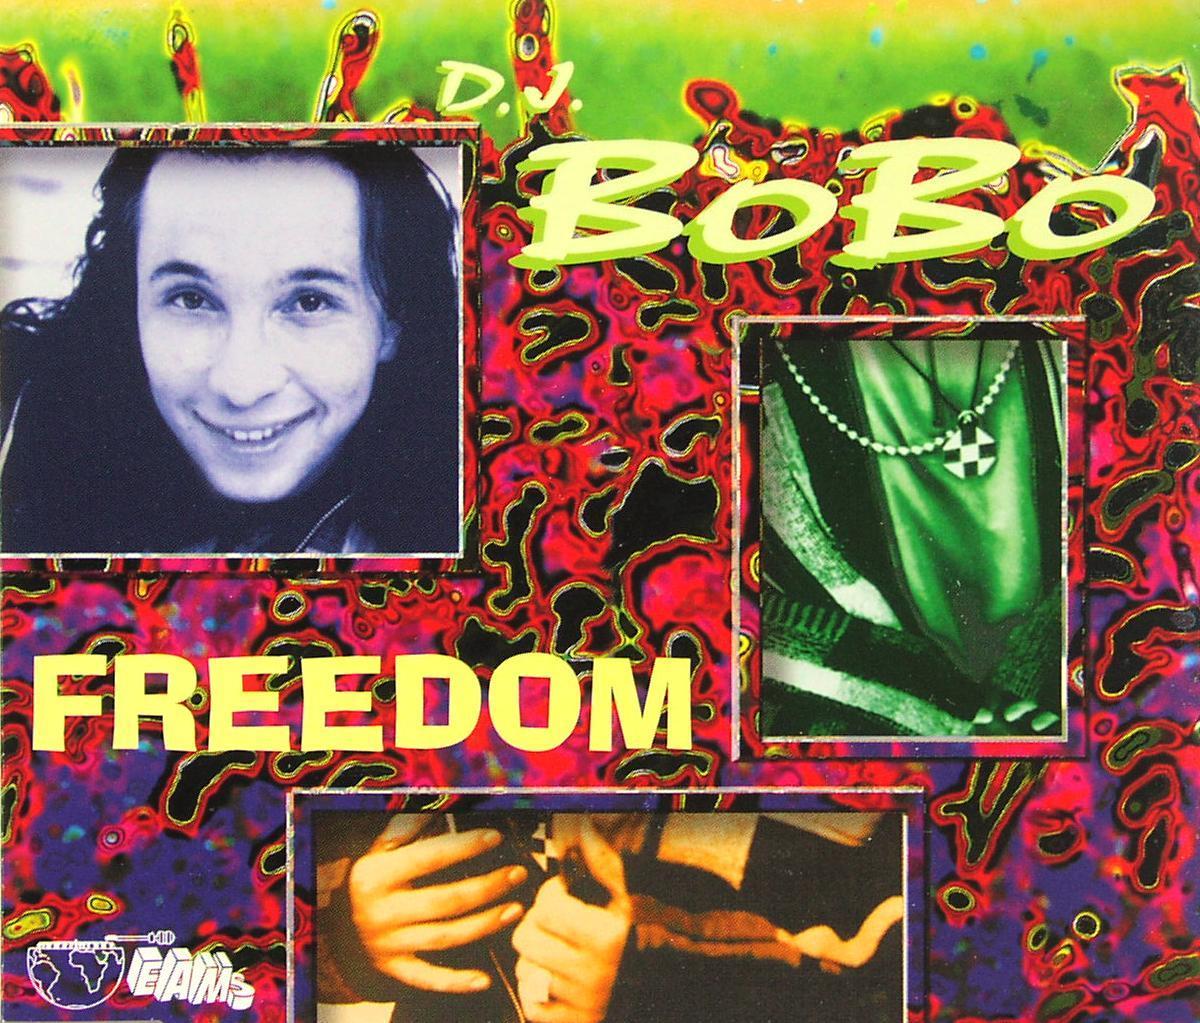 DJ BOBO - Freedom - CD Maxi